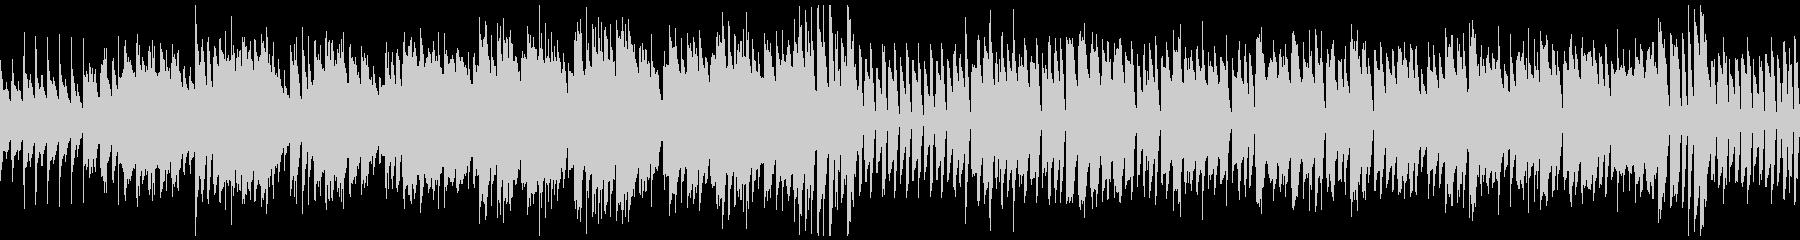 トットコお散歩・ほのぼの日常系BGMの未再生の波形